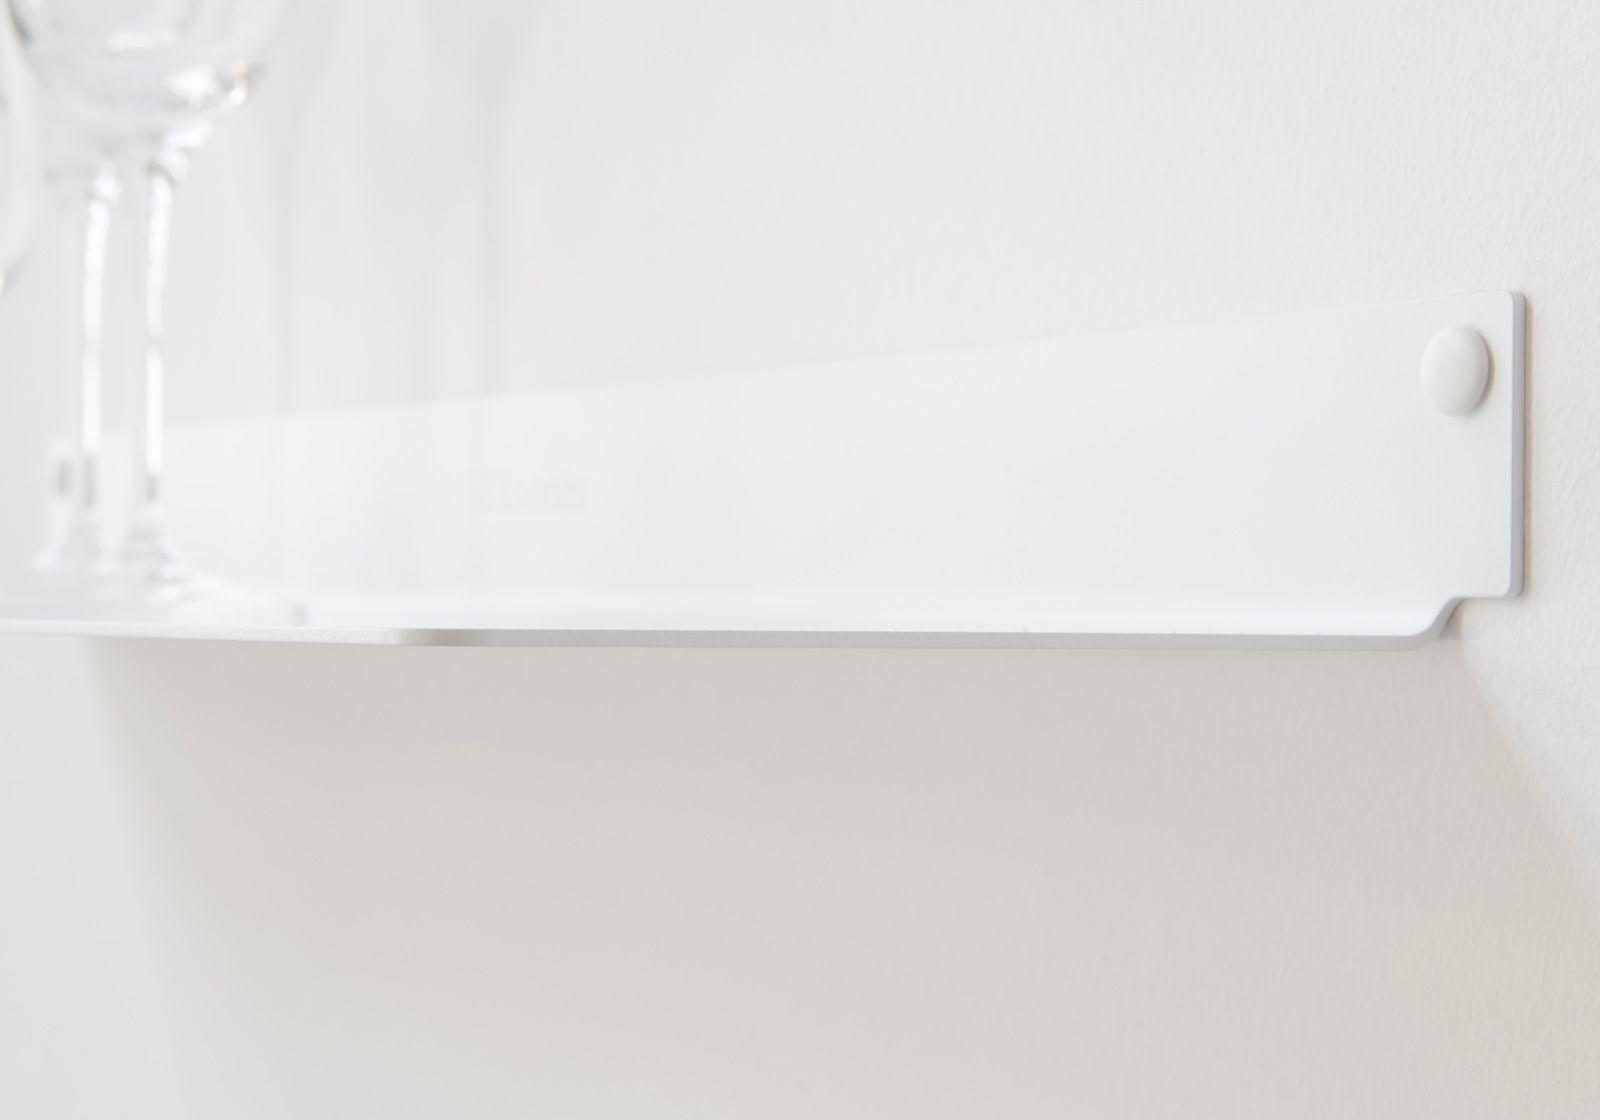 Bathroom shelves TEEline 4515 - Set of 4 - TEEbooks